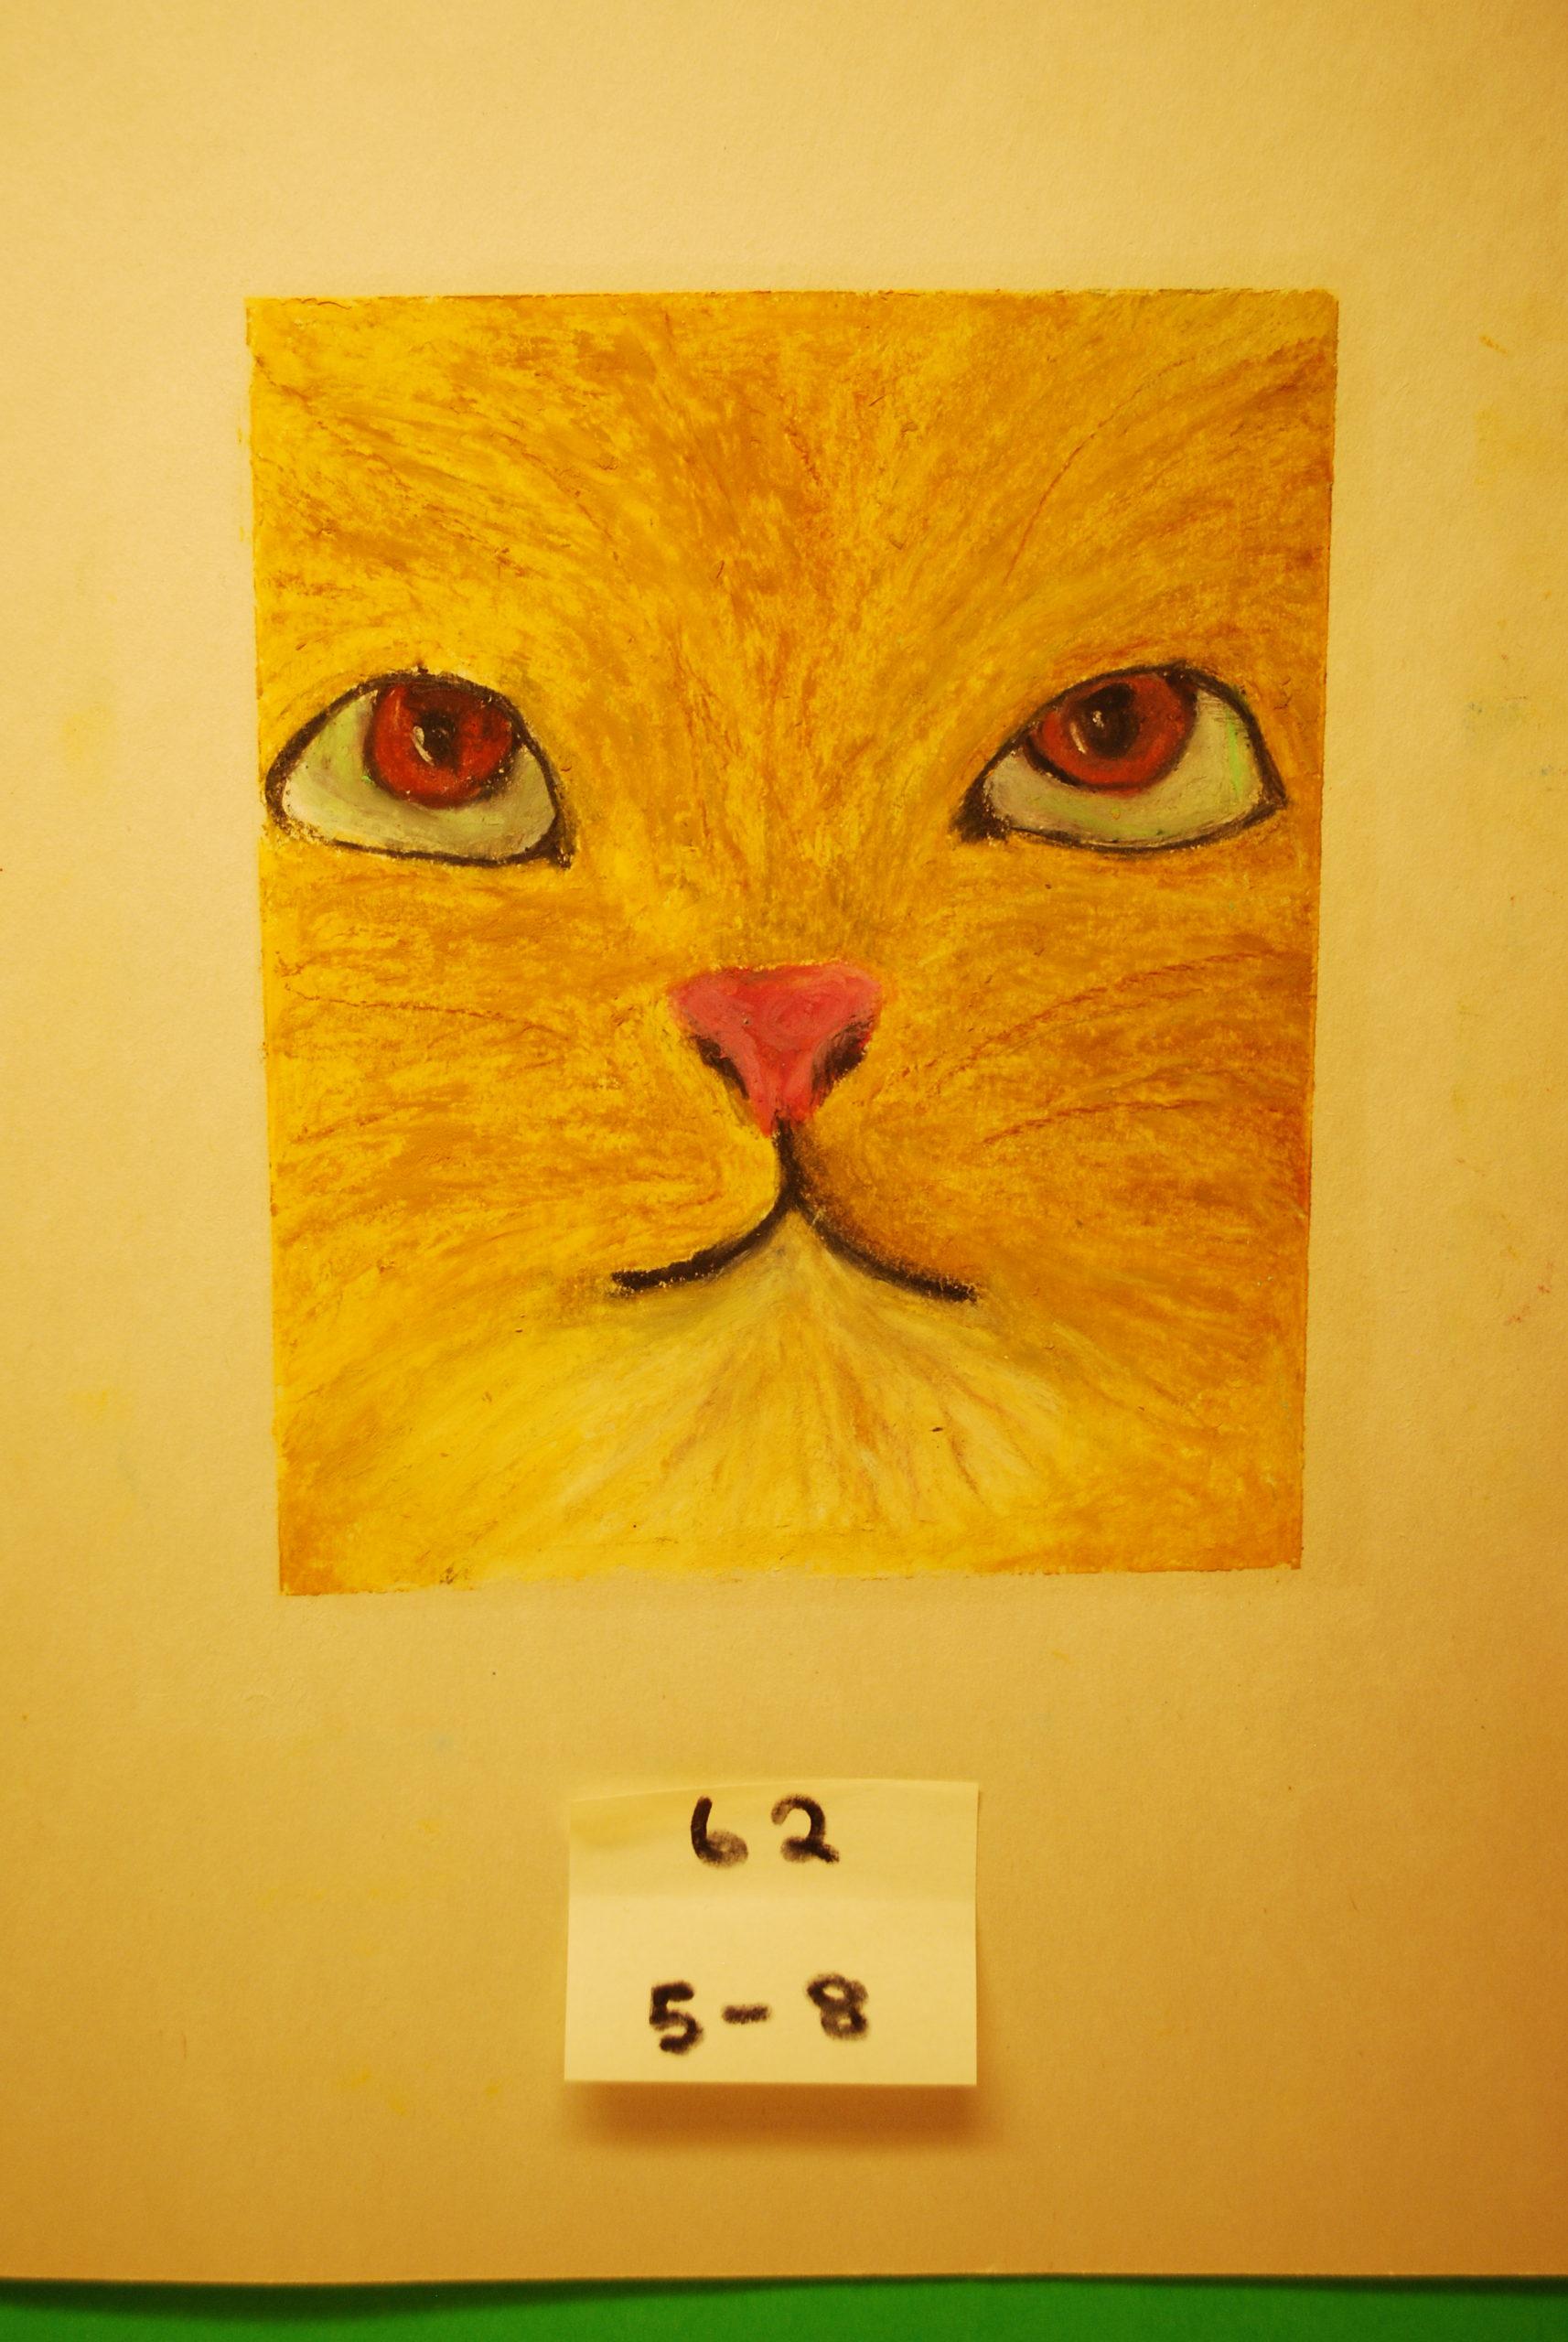 YAC 2020 #62 5-8 Cat a